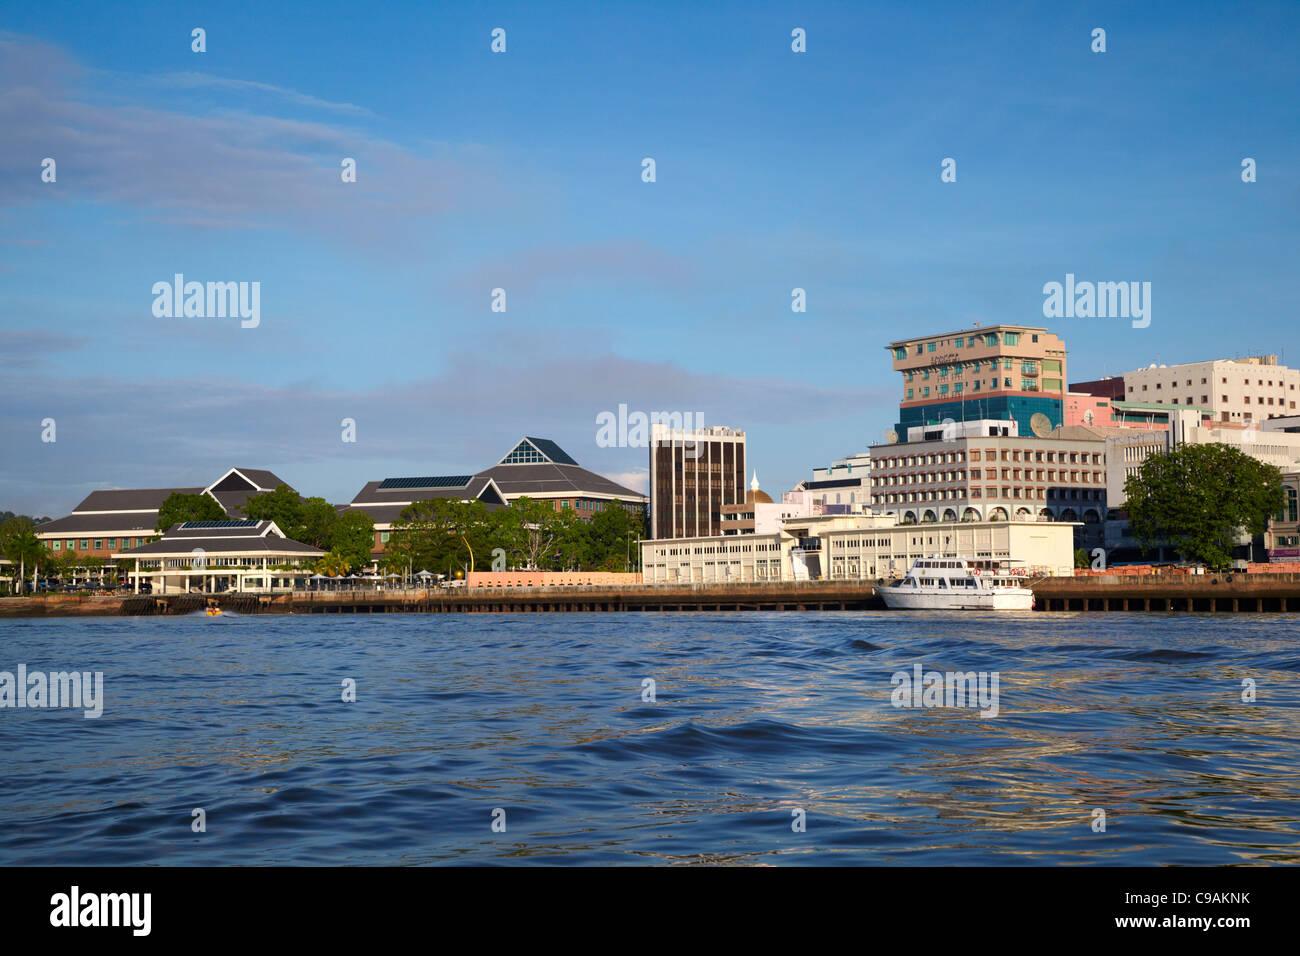 Waterfront, Bandar Seri Begawan, Brunei Darussalam, Asia - Stock Image